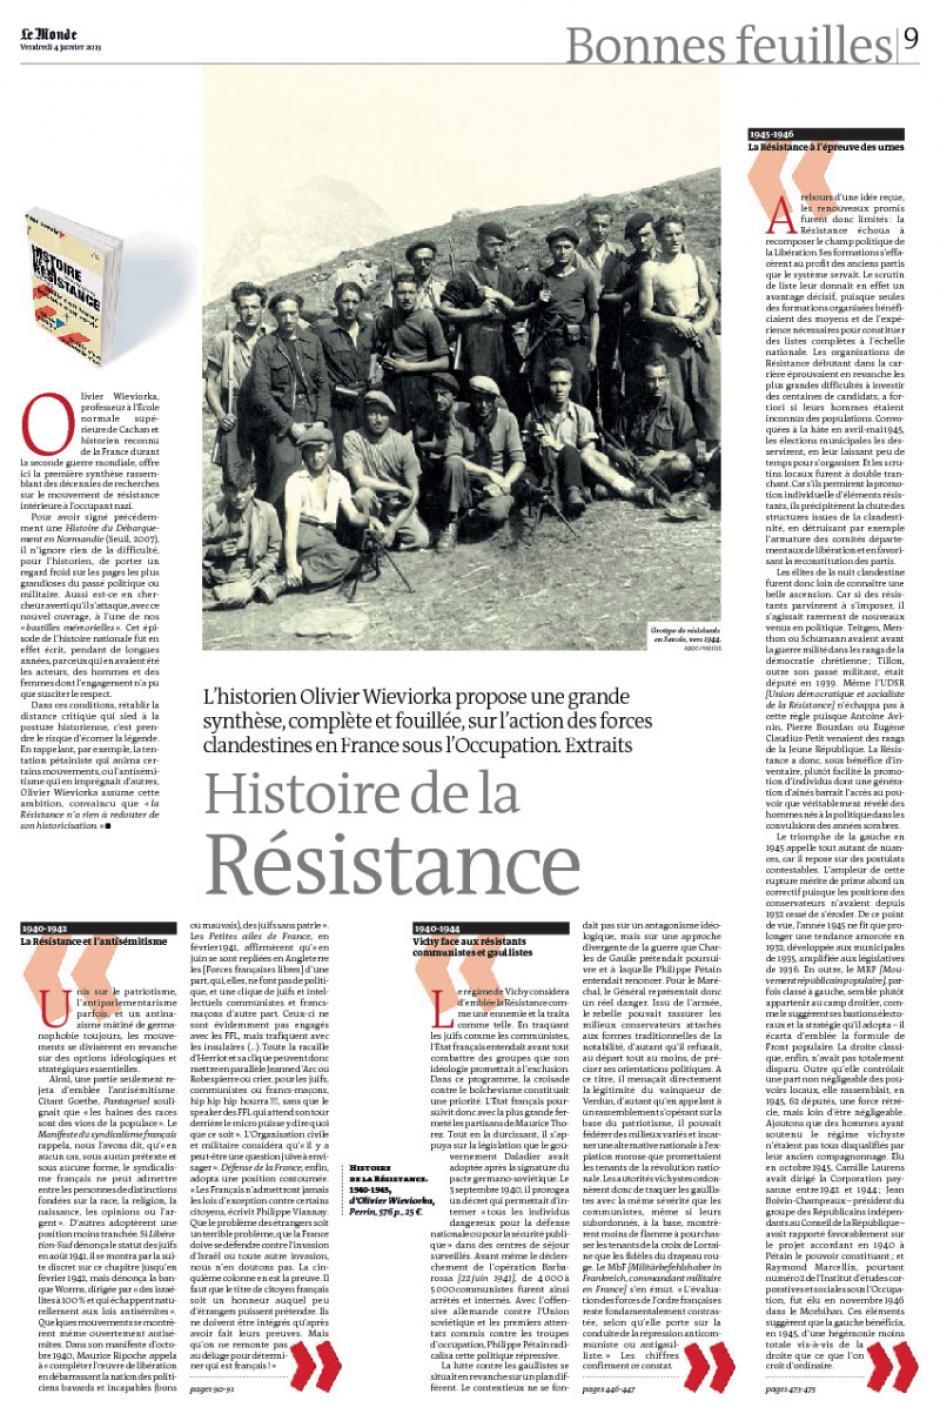 20130104-Le Monde-Histoire de la Résistance, par Olivier Wievorka